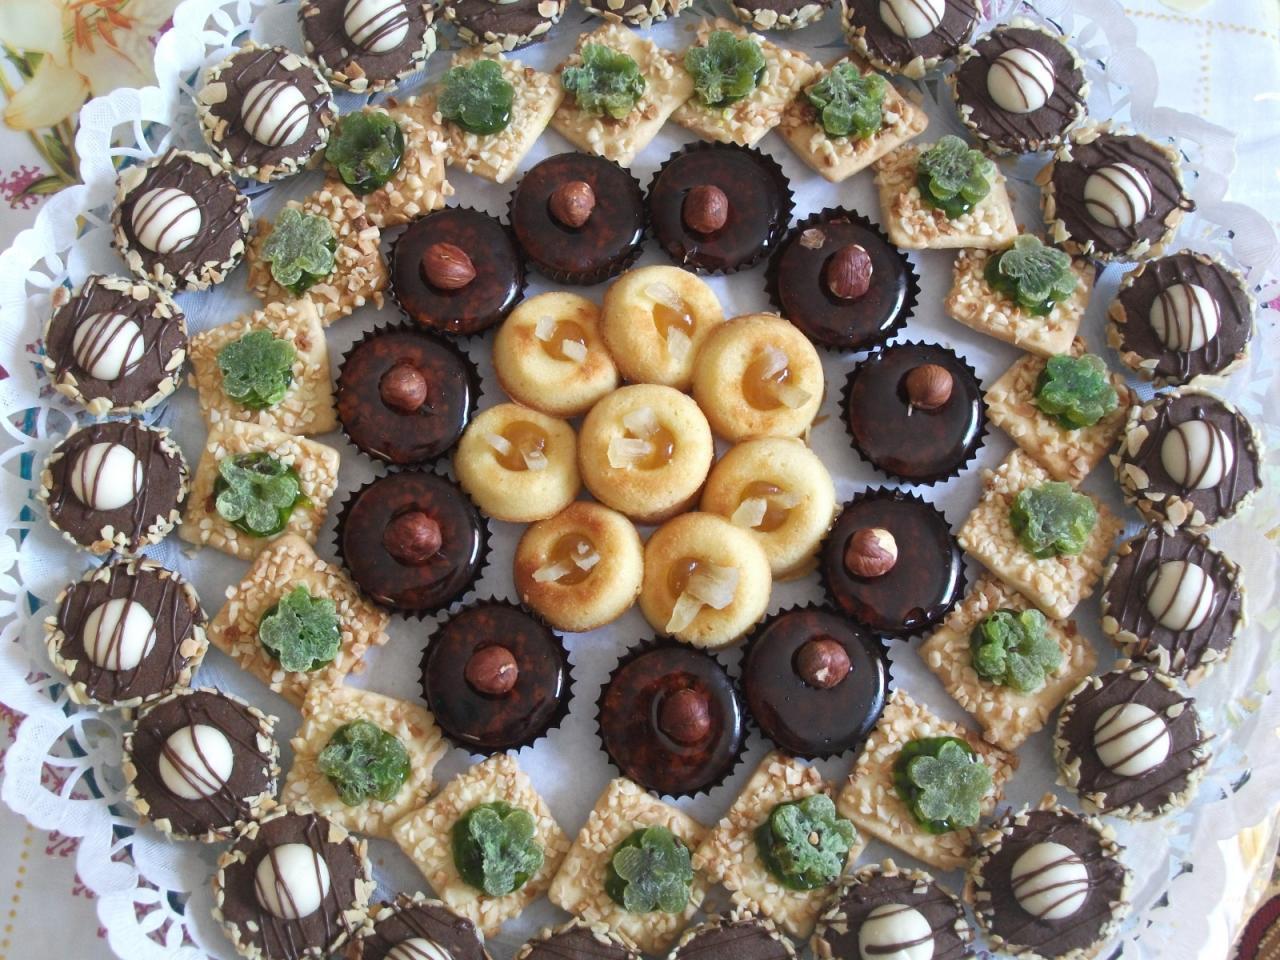 صورة حلويات سميرة، شاهد الذ انواع الحلويات